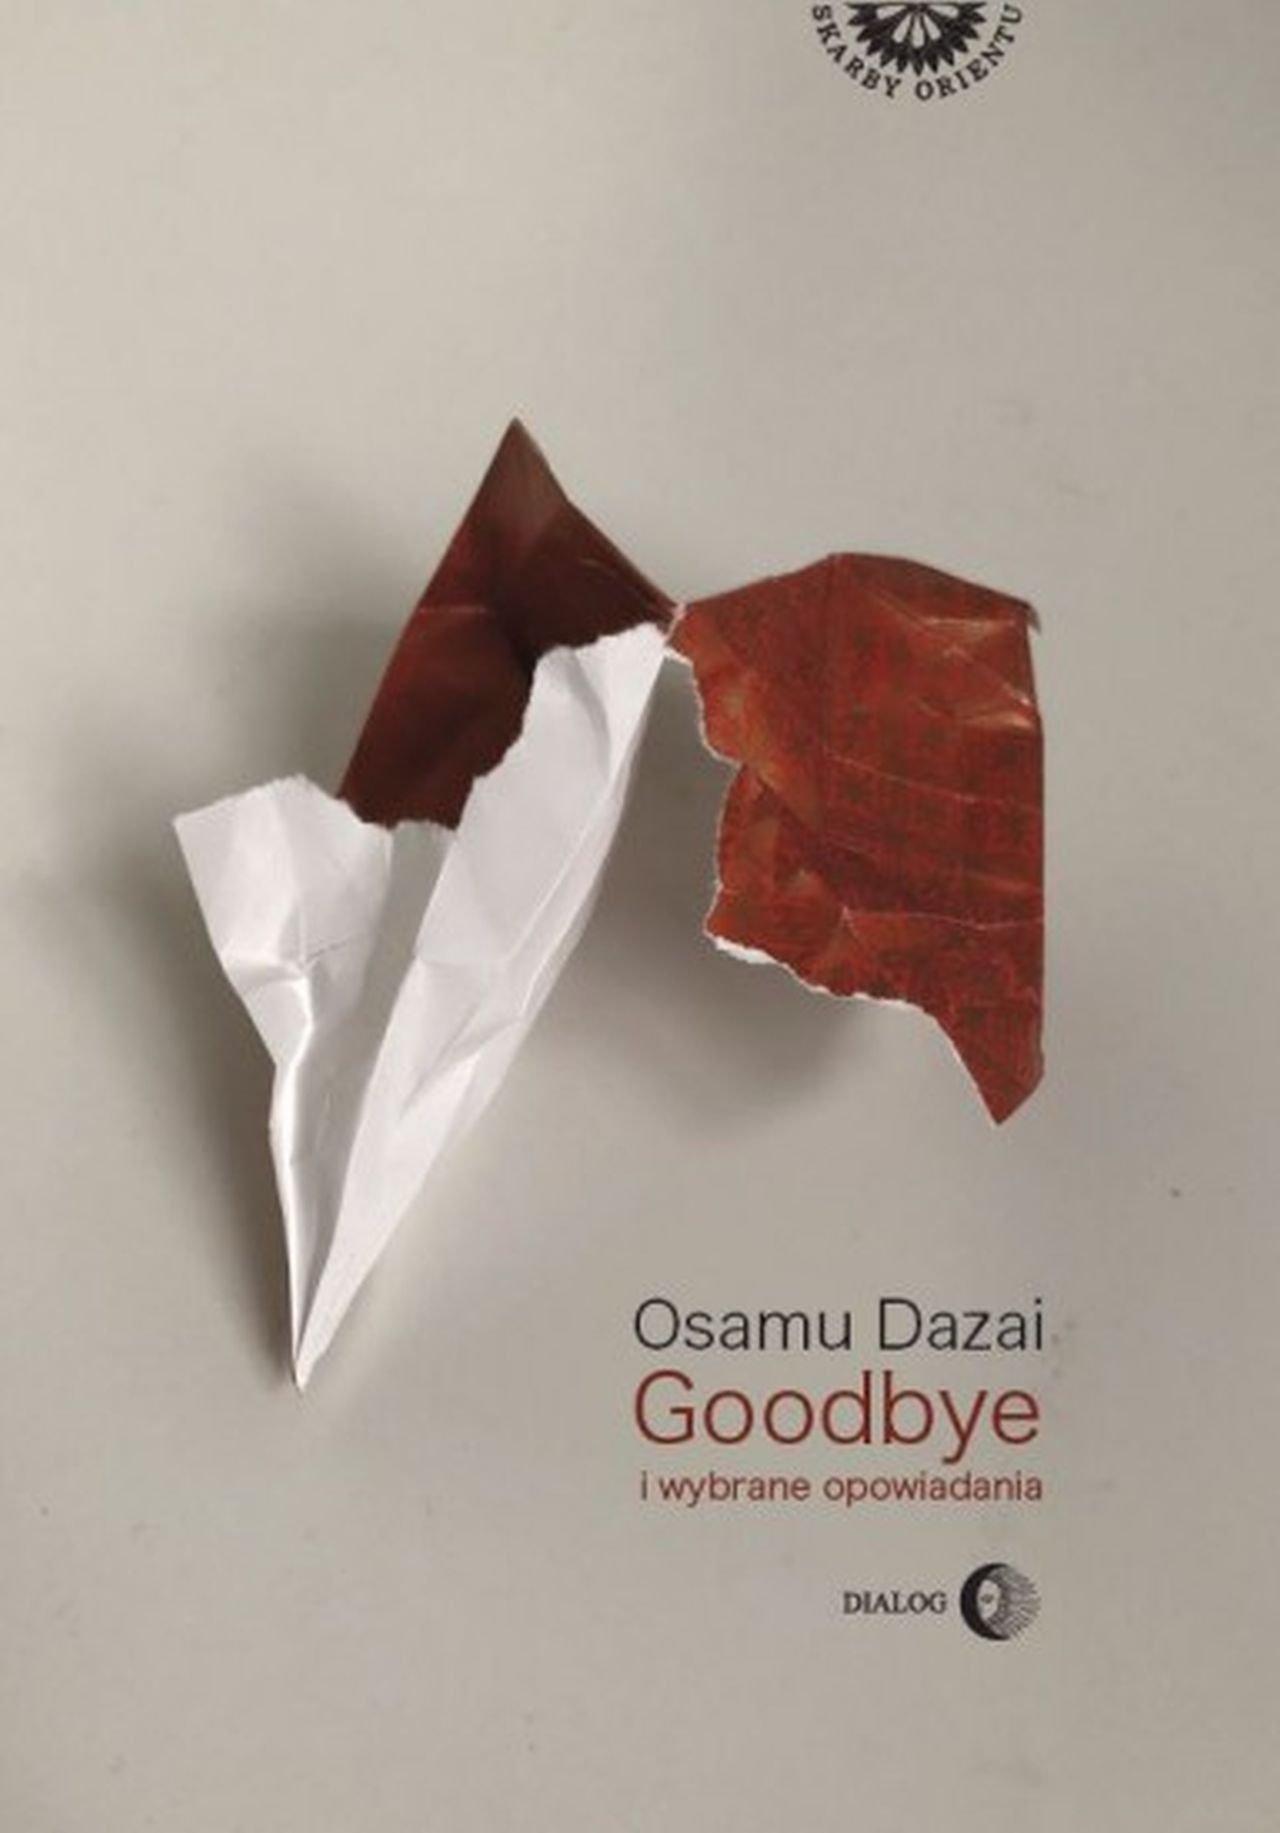 Goodbye i wybrane opowiadania